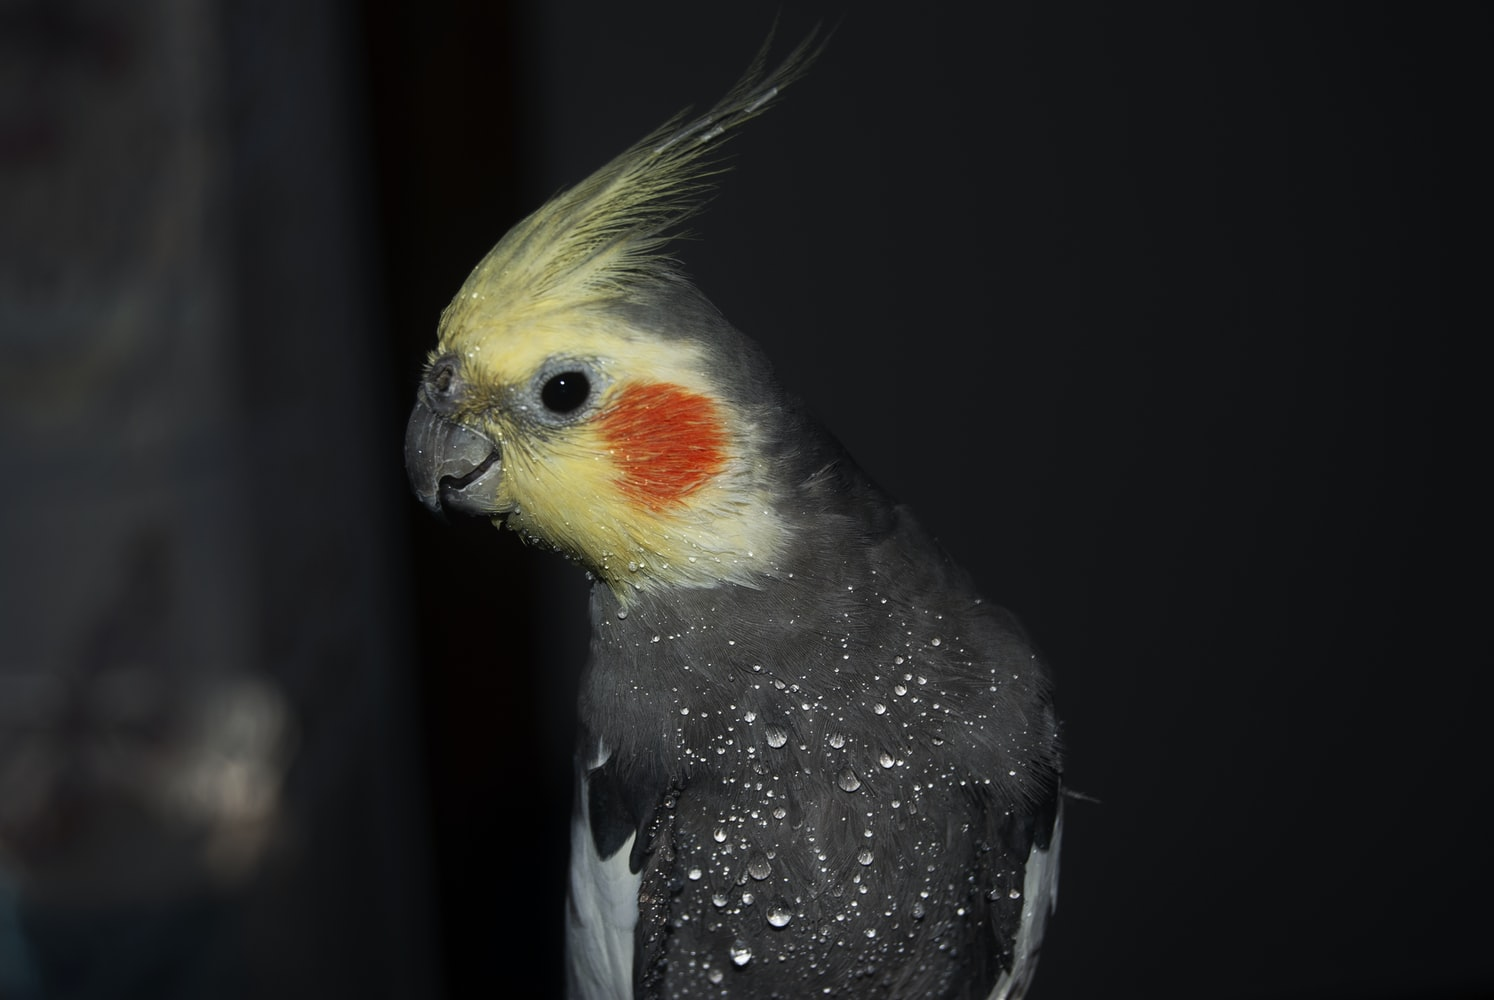 The Cockatiel domestic birds